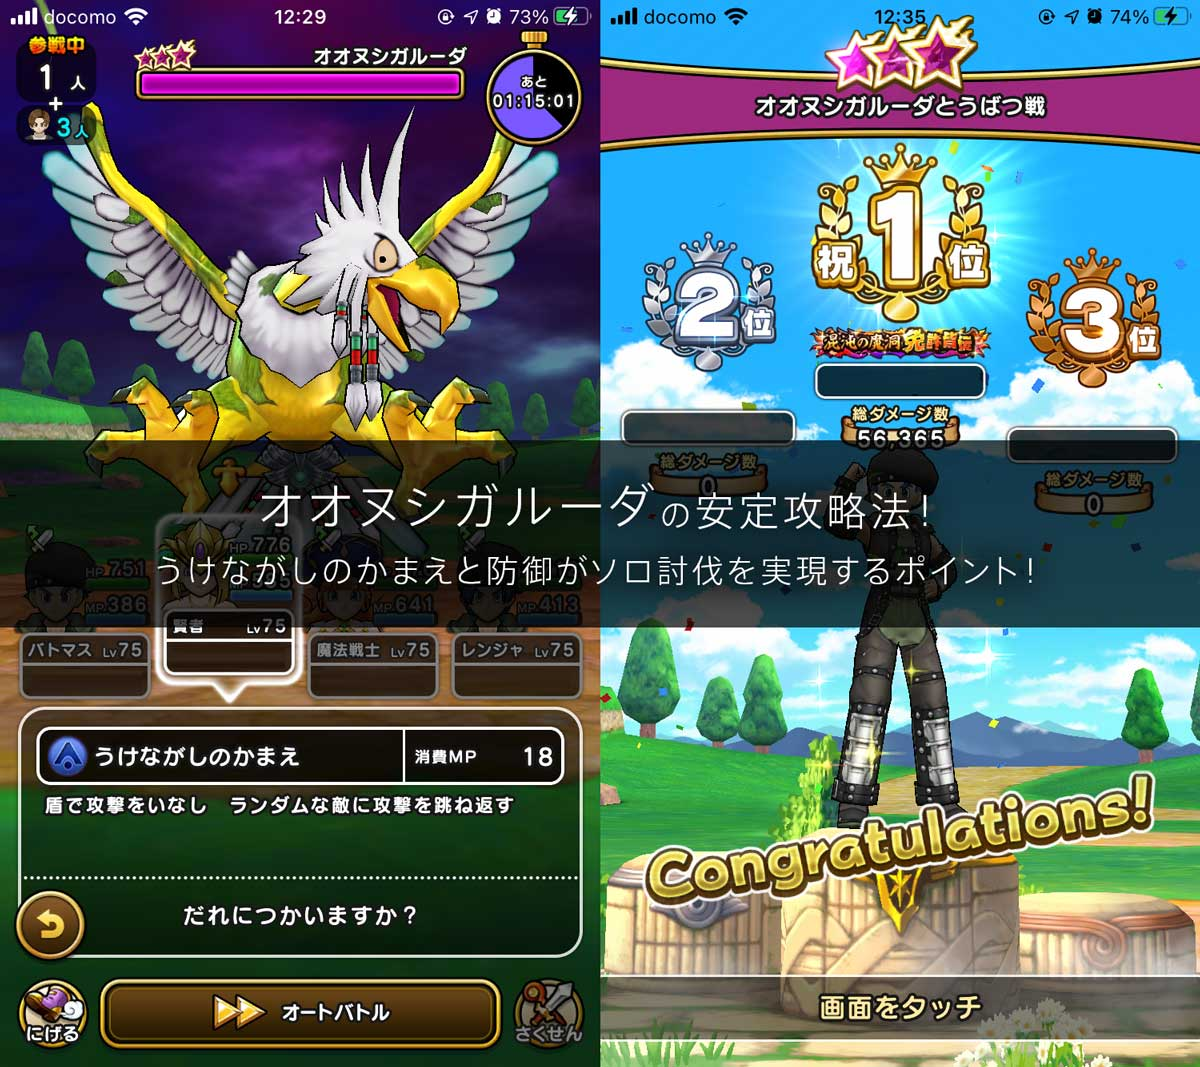 オオヌシガルーダの安定攻略法!うけながしのかまえと防御がソロ討伐を実現するポイント! dragonquest-walk-dqw-onushigaruda-img_main